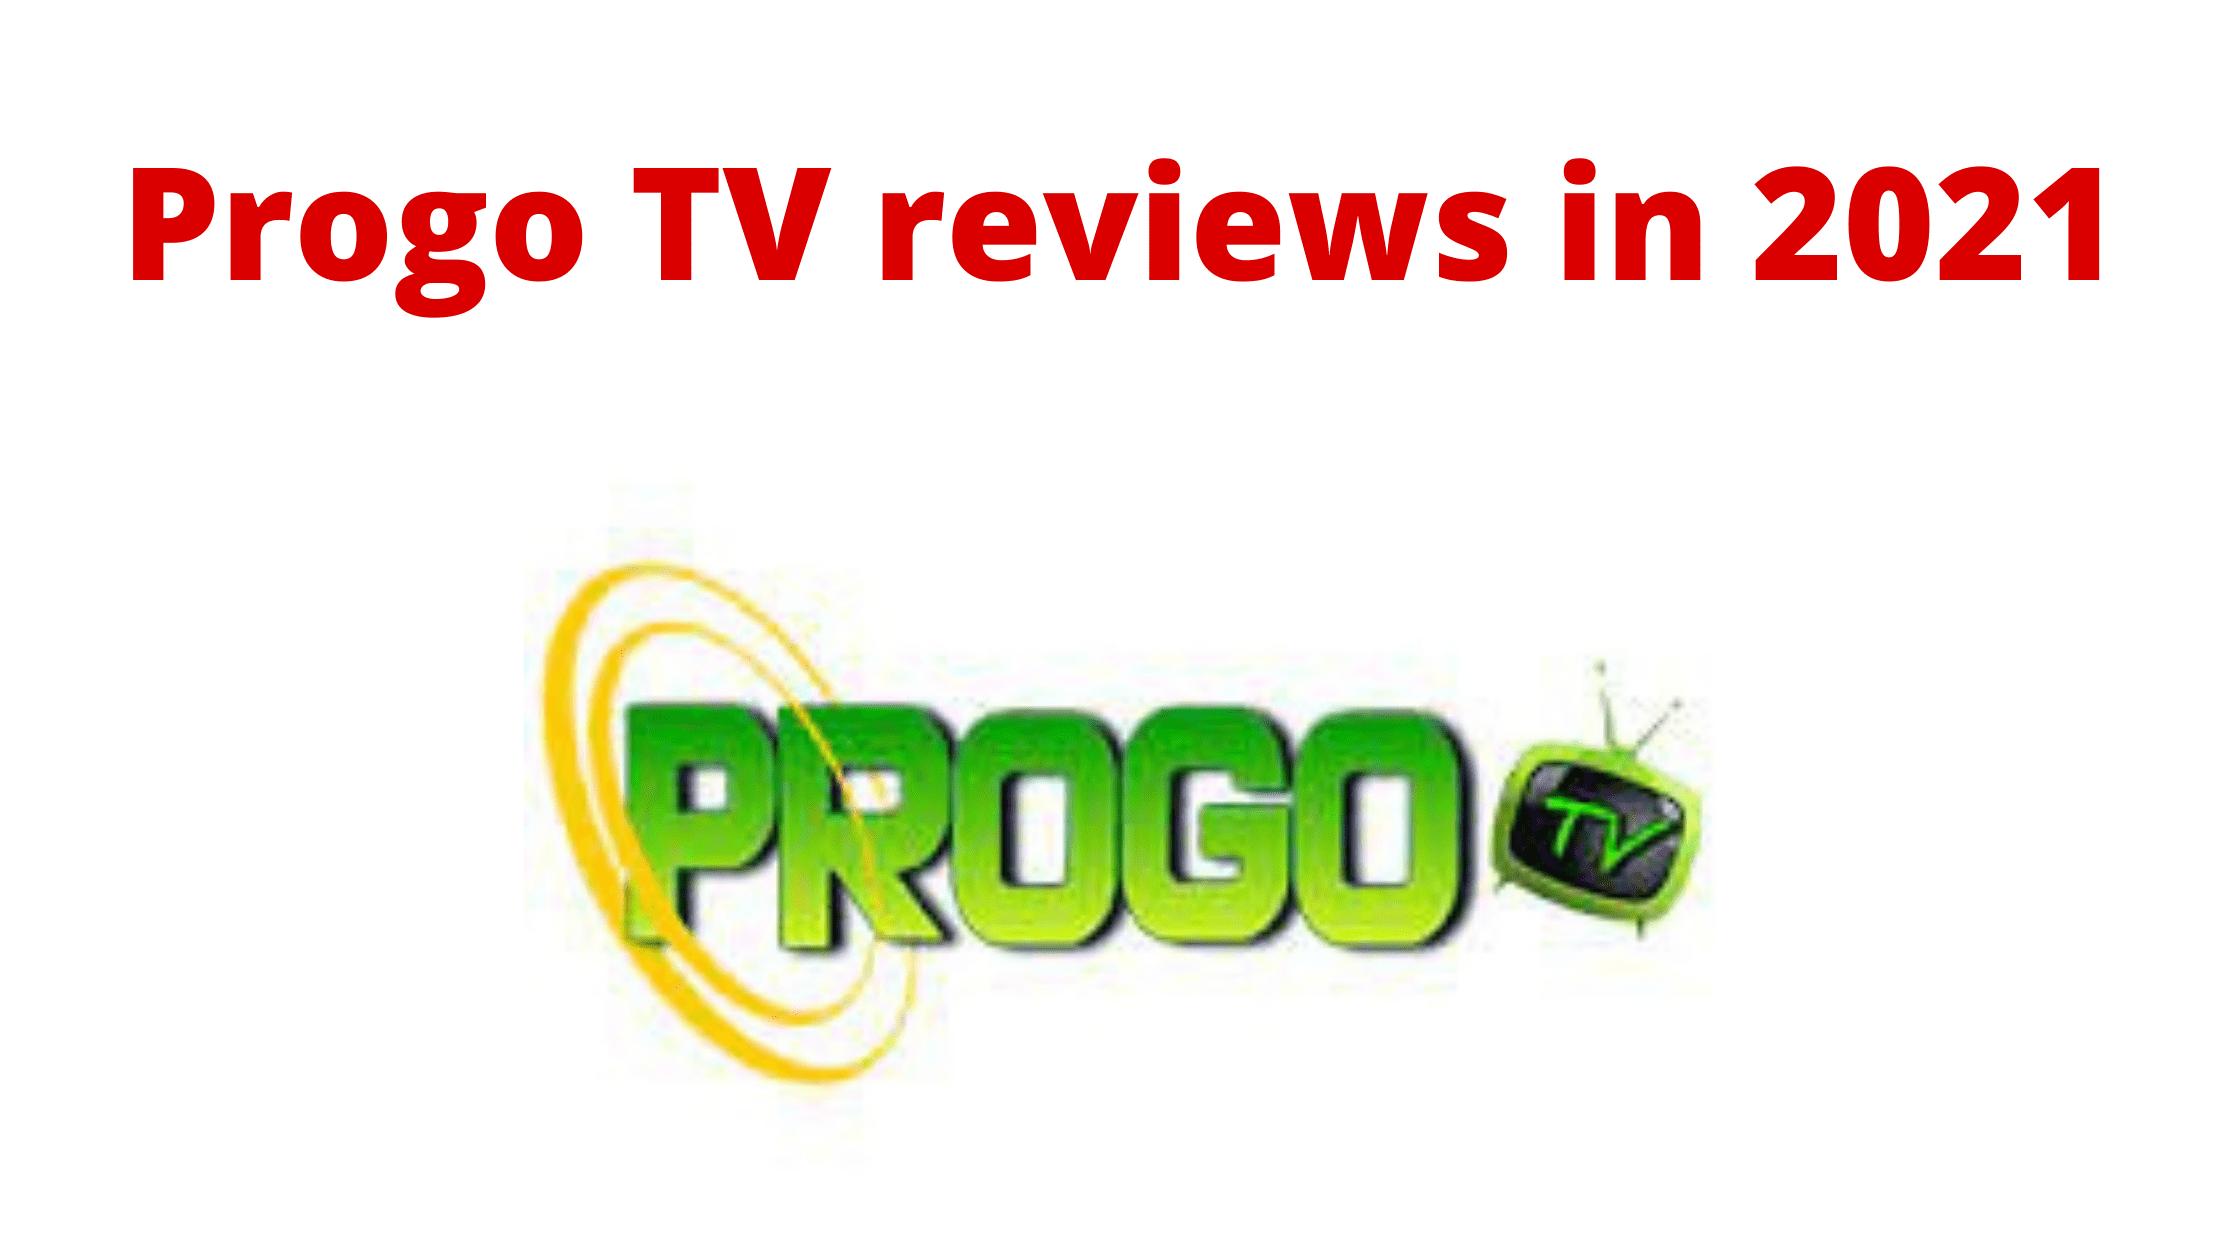 Progo TV